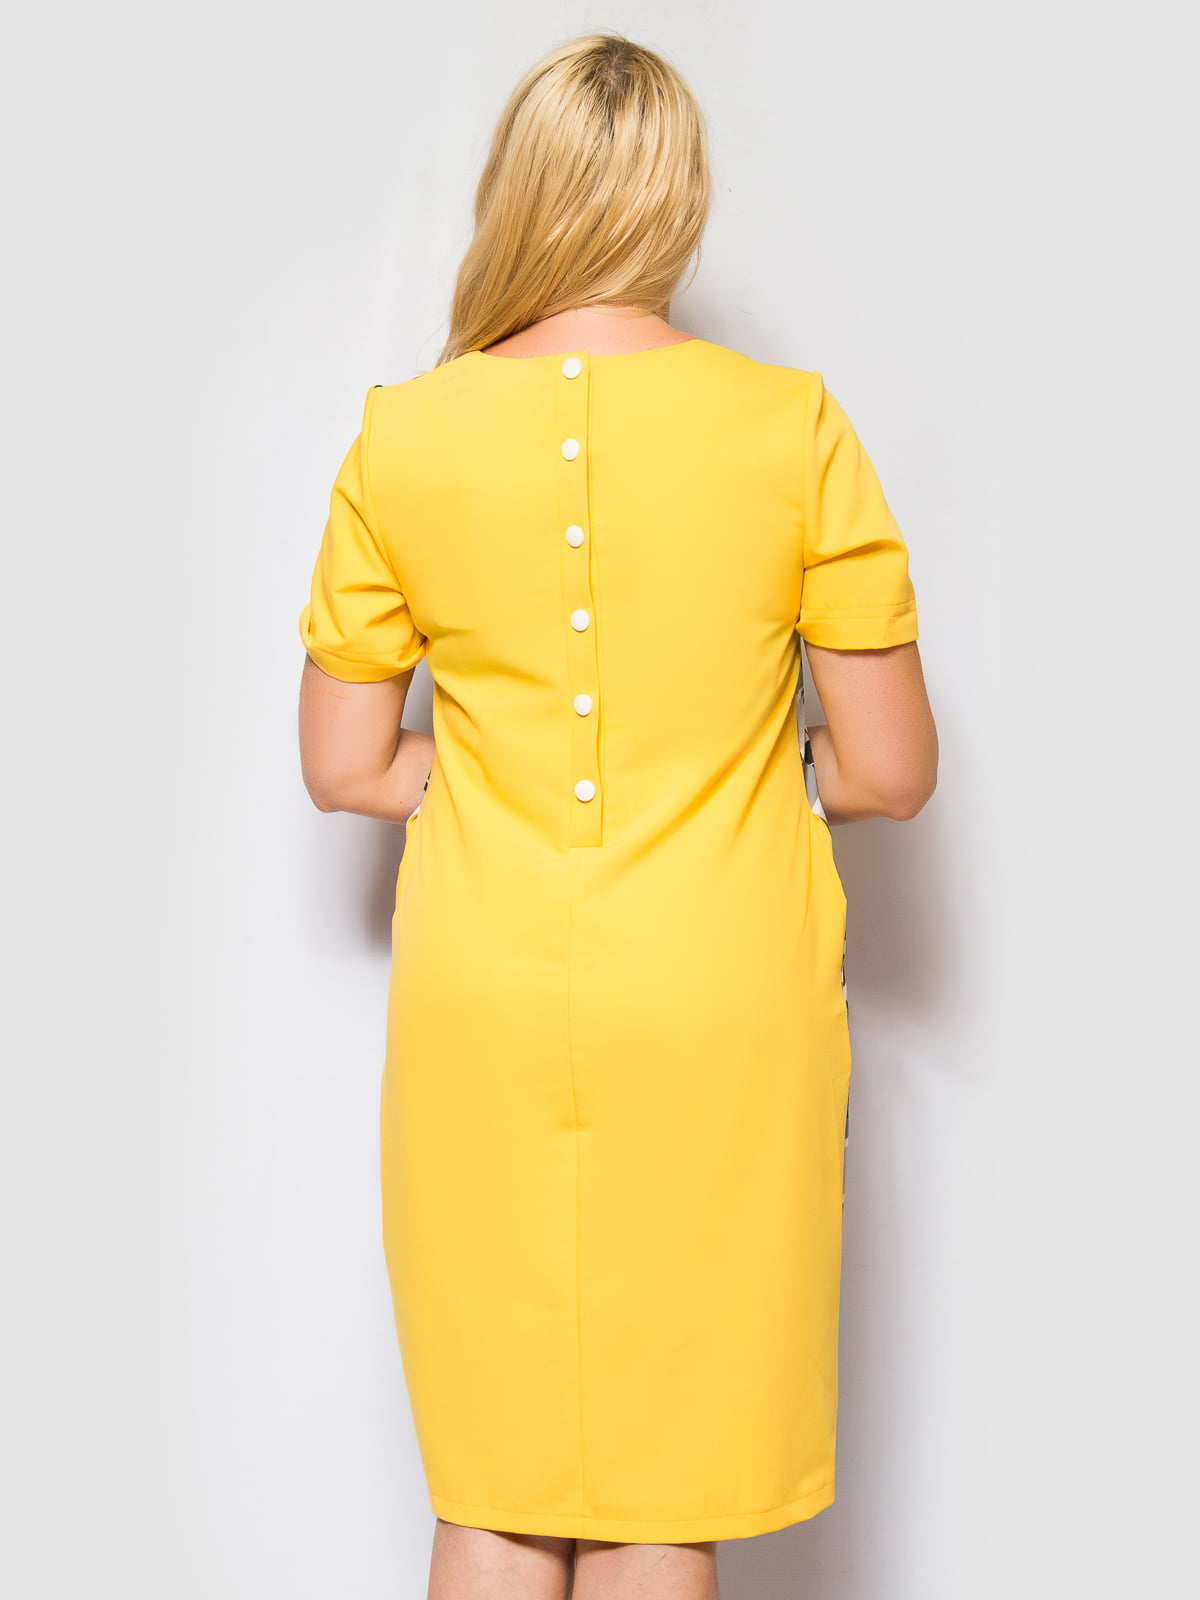 Сукня жовто-сіра в смужку і принт | 4469190 | фото 2